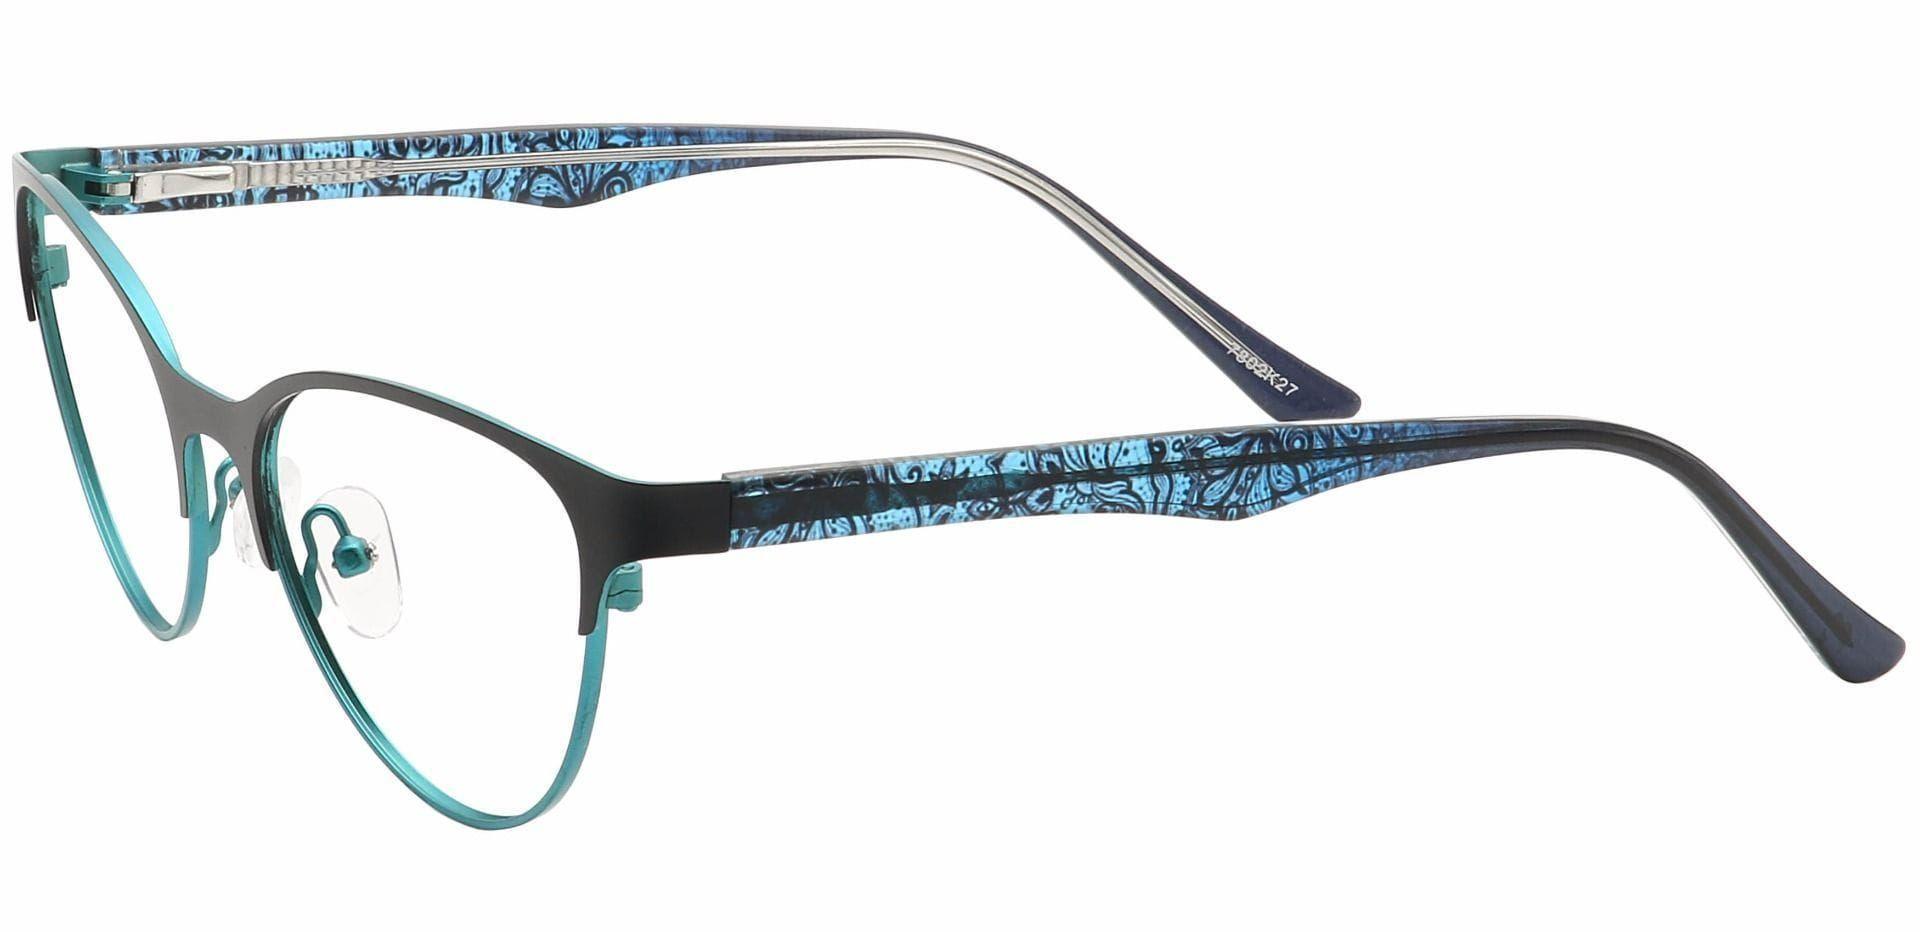 Jorde Cat-Eye Progressive Glasses - Blue